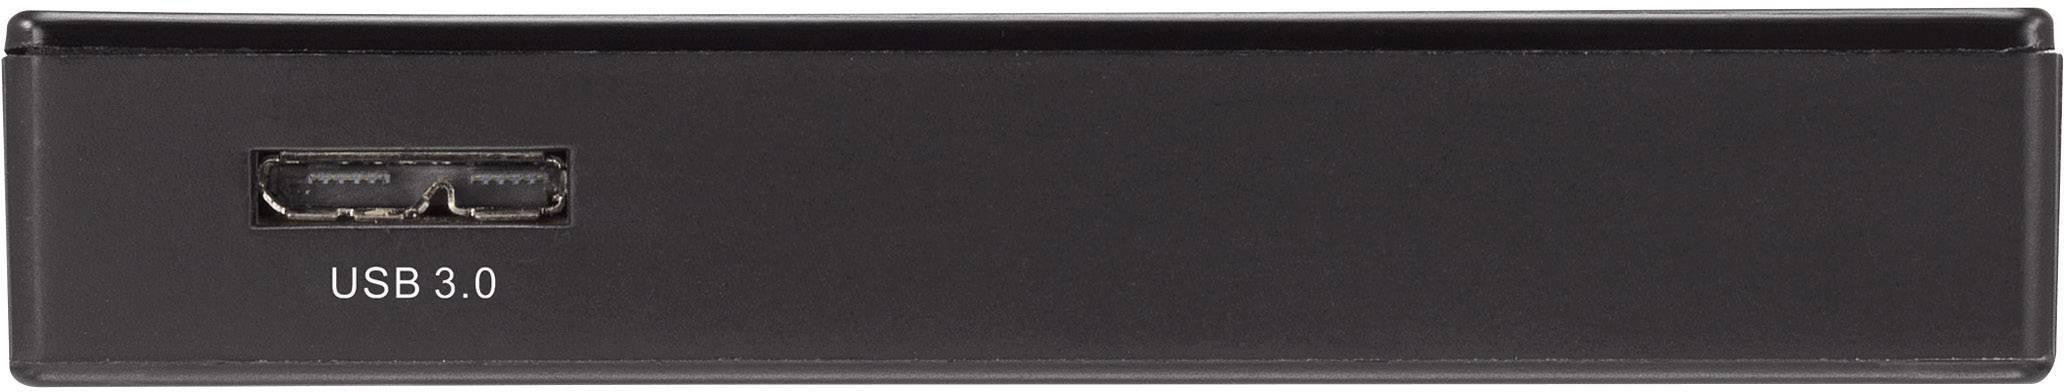 Externí čtečka paměťových karet Renkforce CR04e-A, USB 3.0, černá